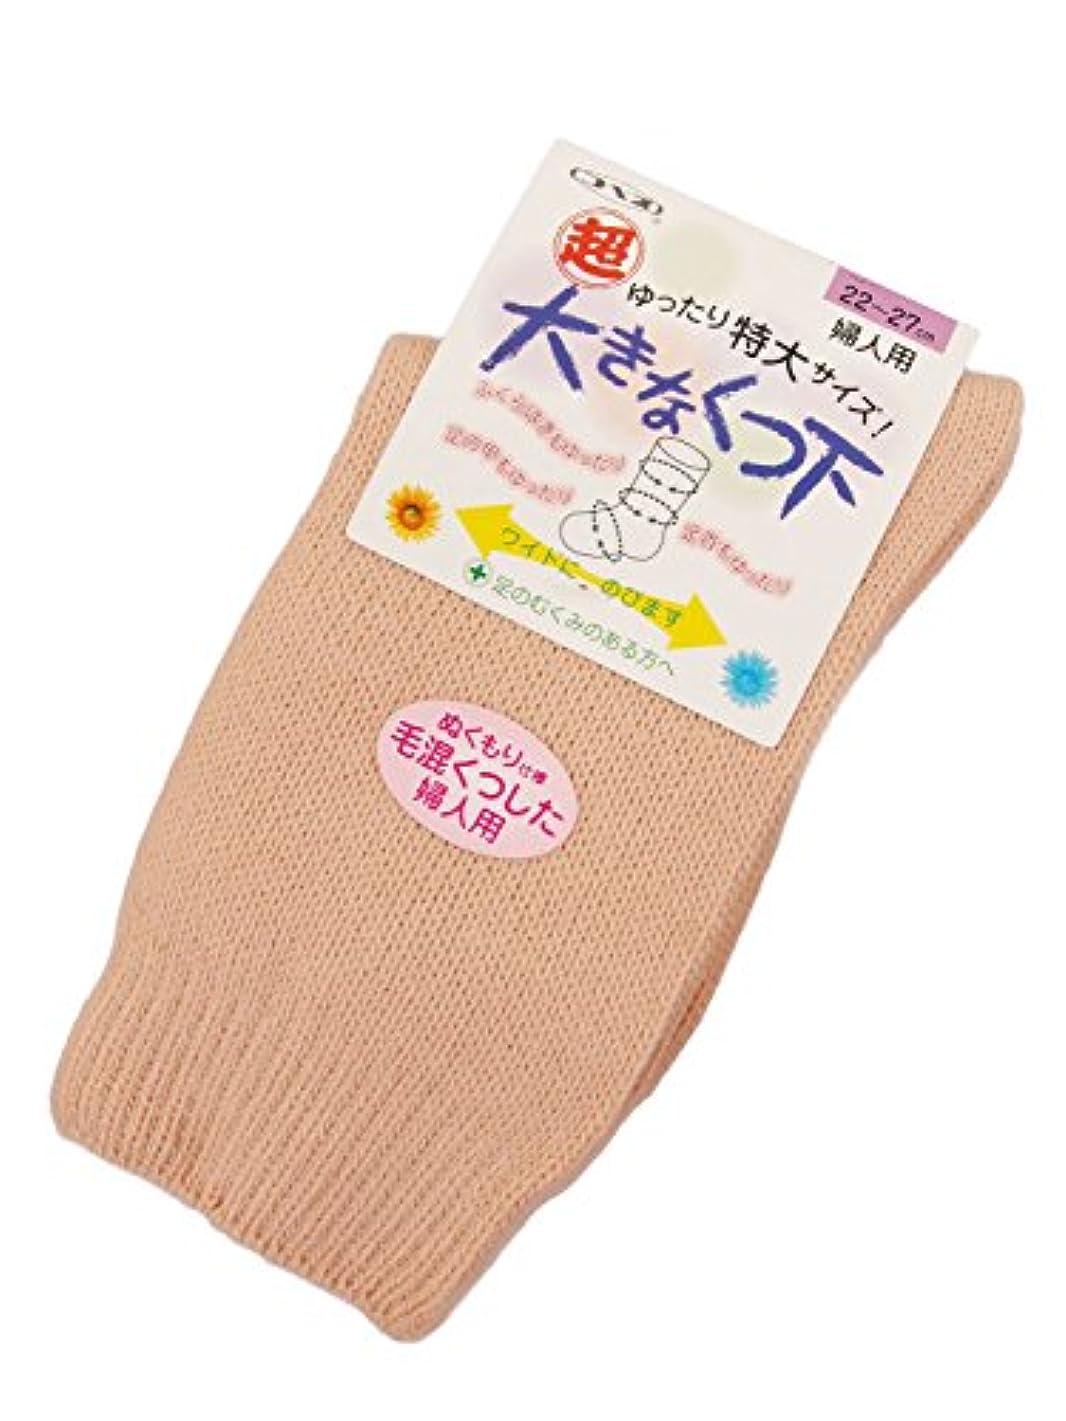 宣教師縫い目恩赦神戸生絲 婦人超ゆったり特大サイズ大きなくつ下毛混 ピンク 22-27cm